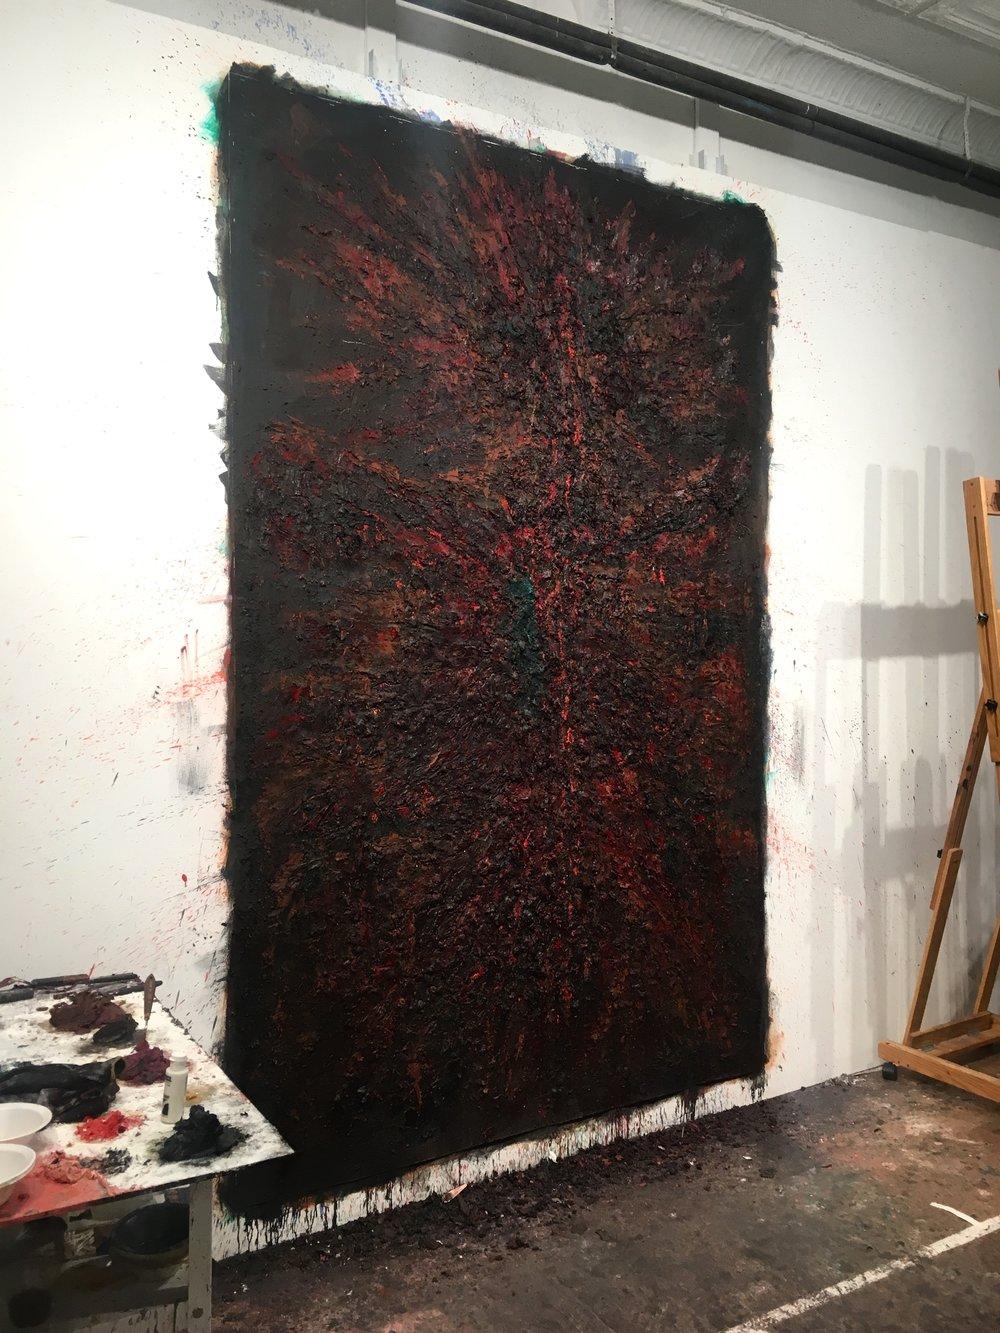 Caldera, 2018 oil on paper, 108 x 72 in.